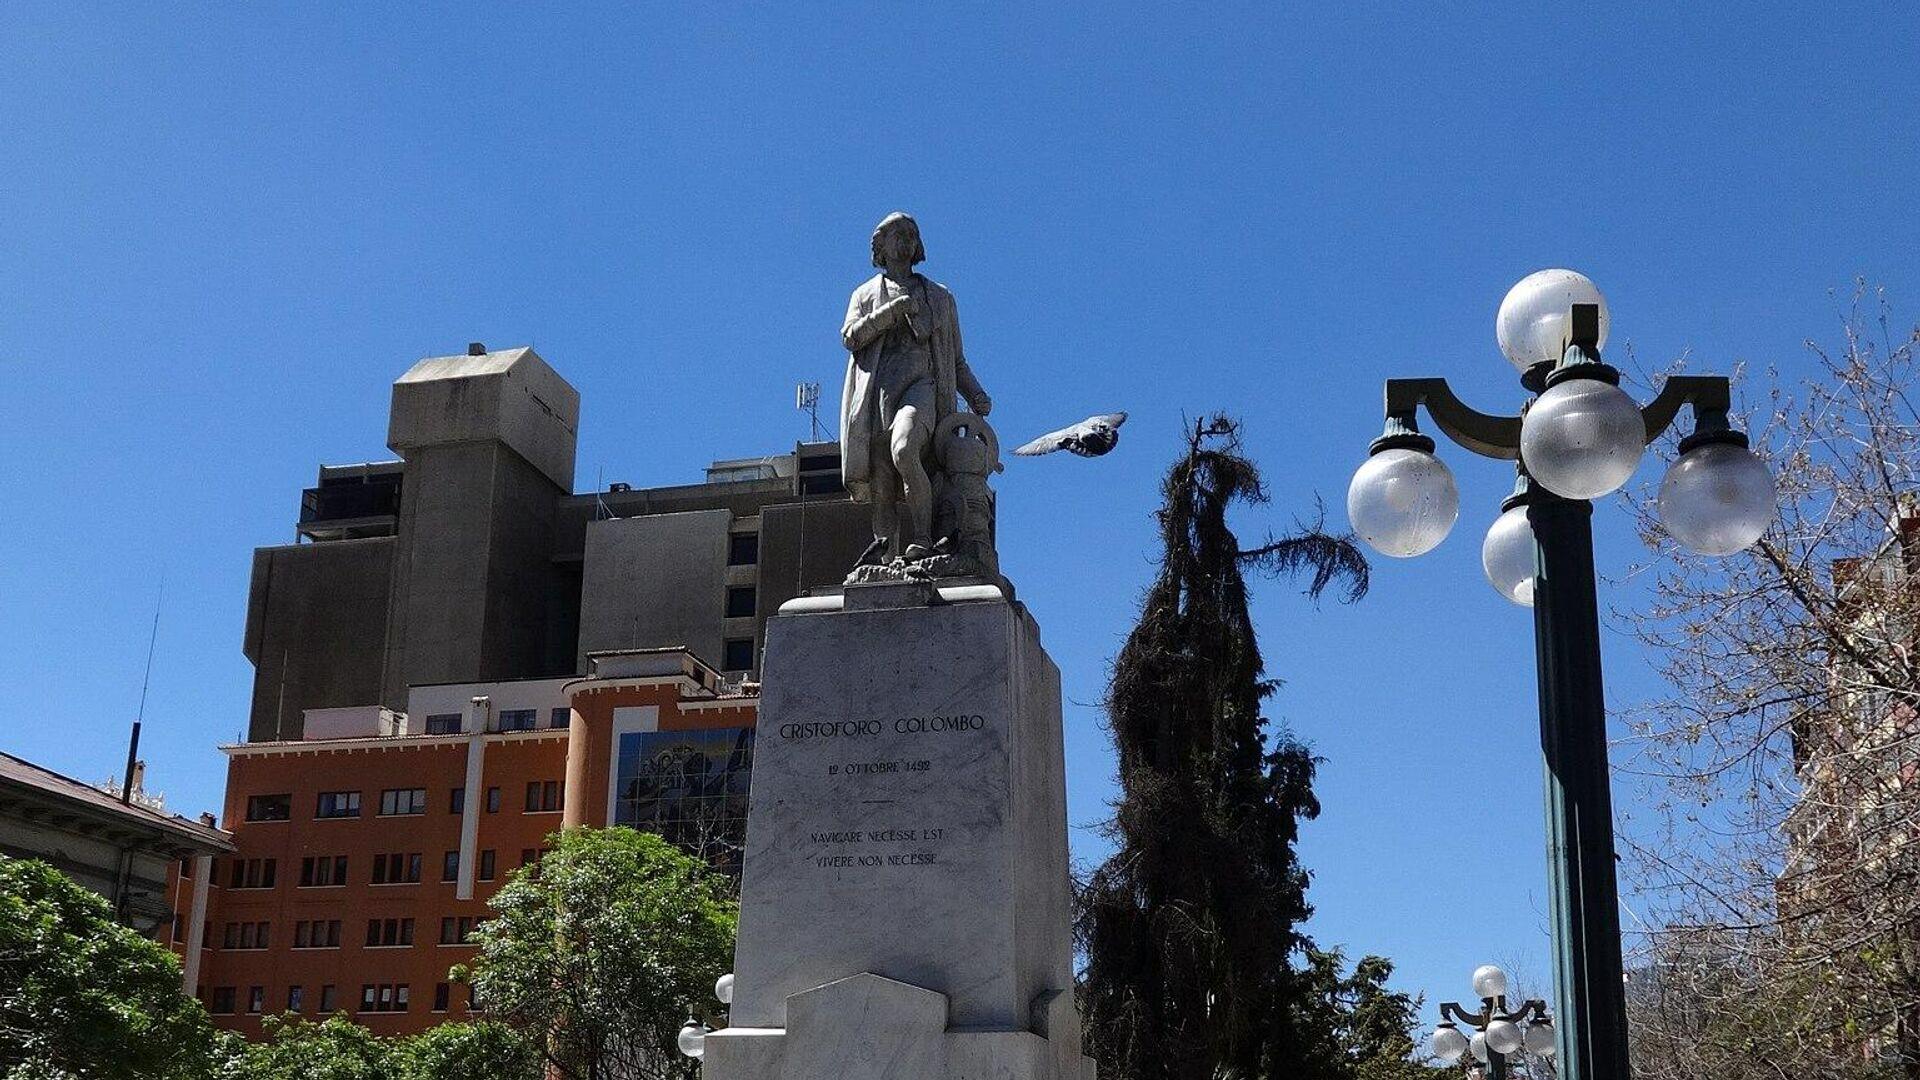 Monumento a Cristóbal Colón en el Paseo del Prado, La Paz, Bolivia - Sputnik Mundo, 1920, 02.08.2021